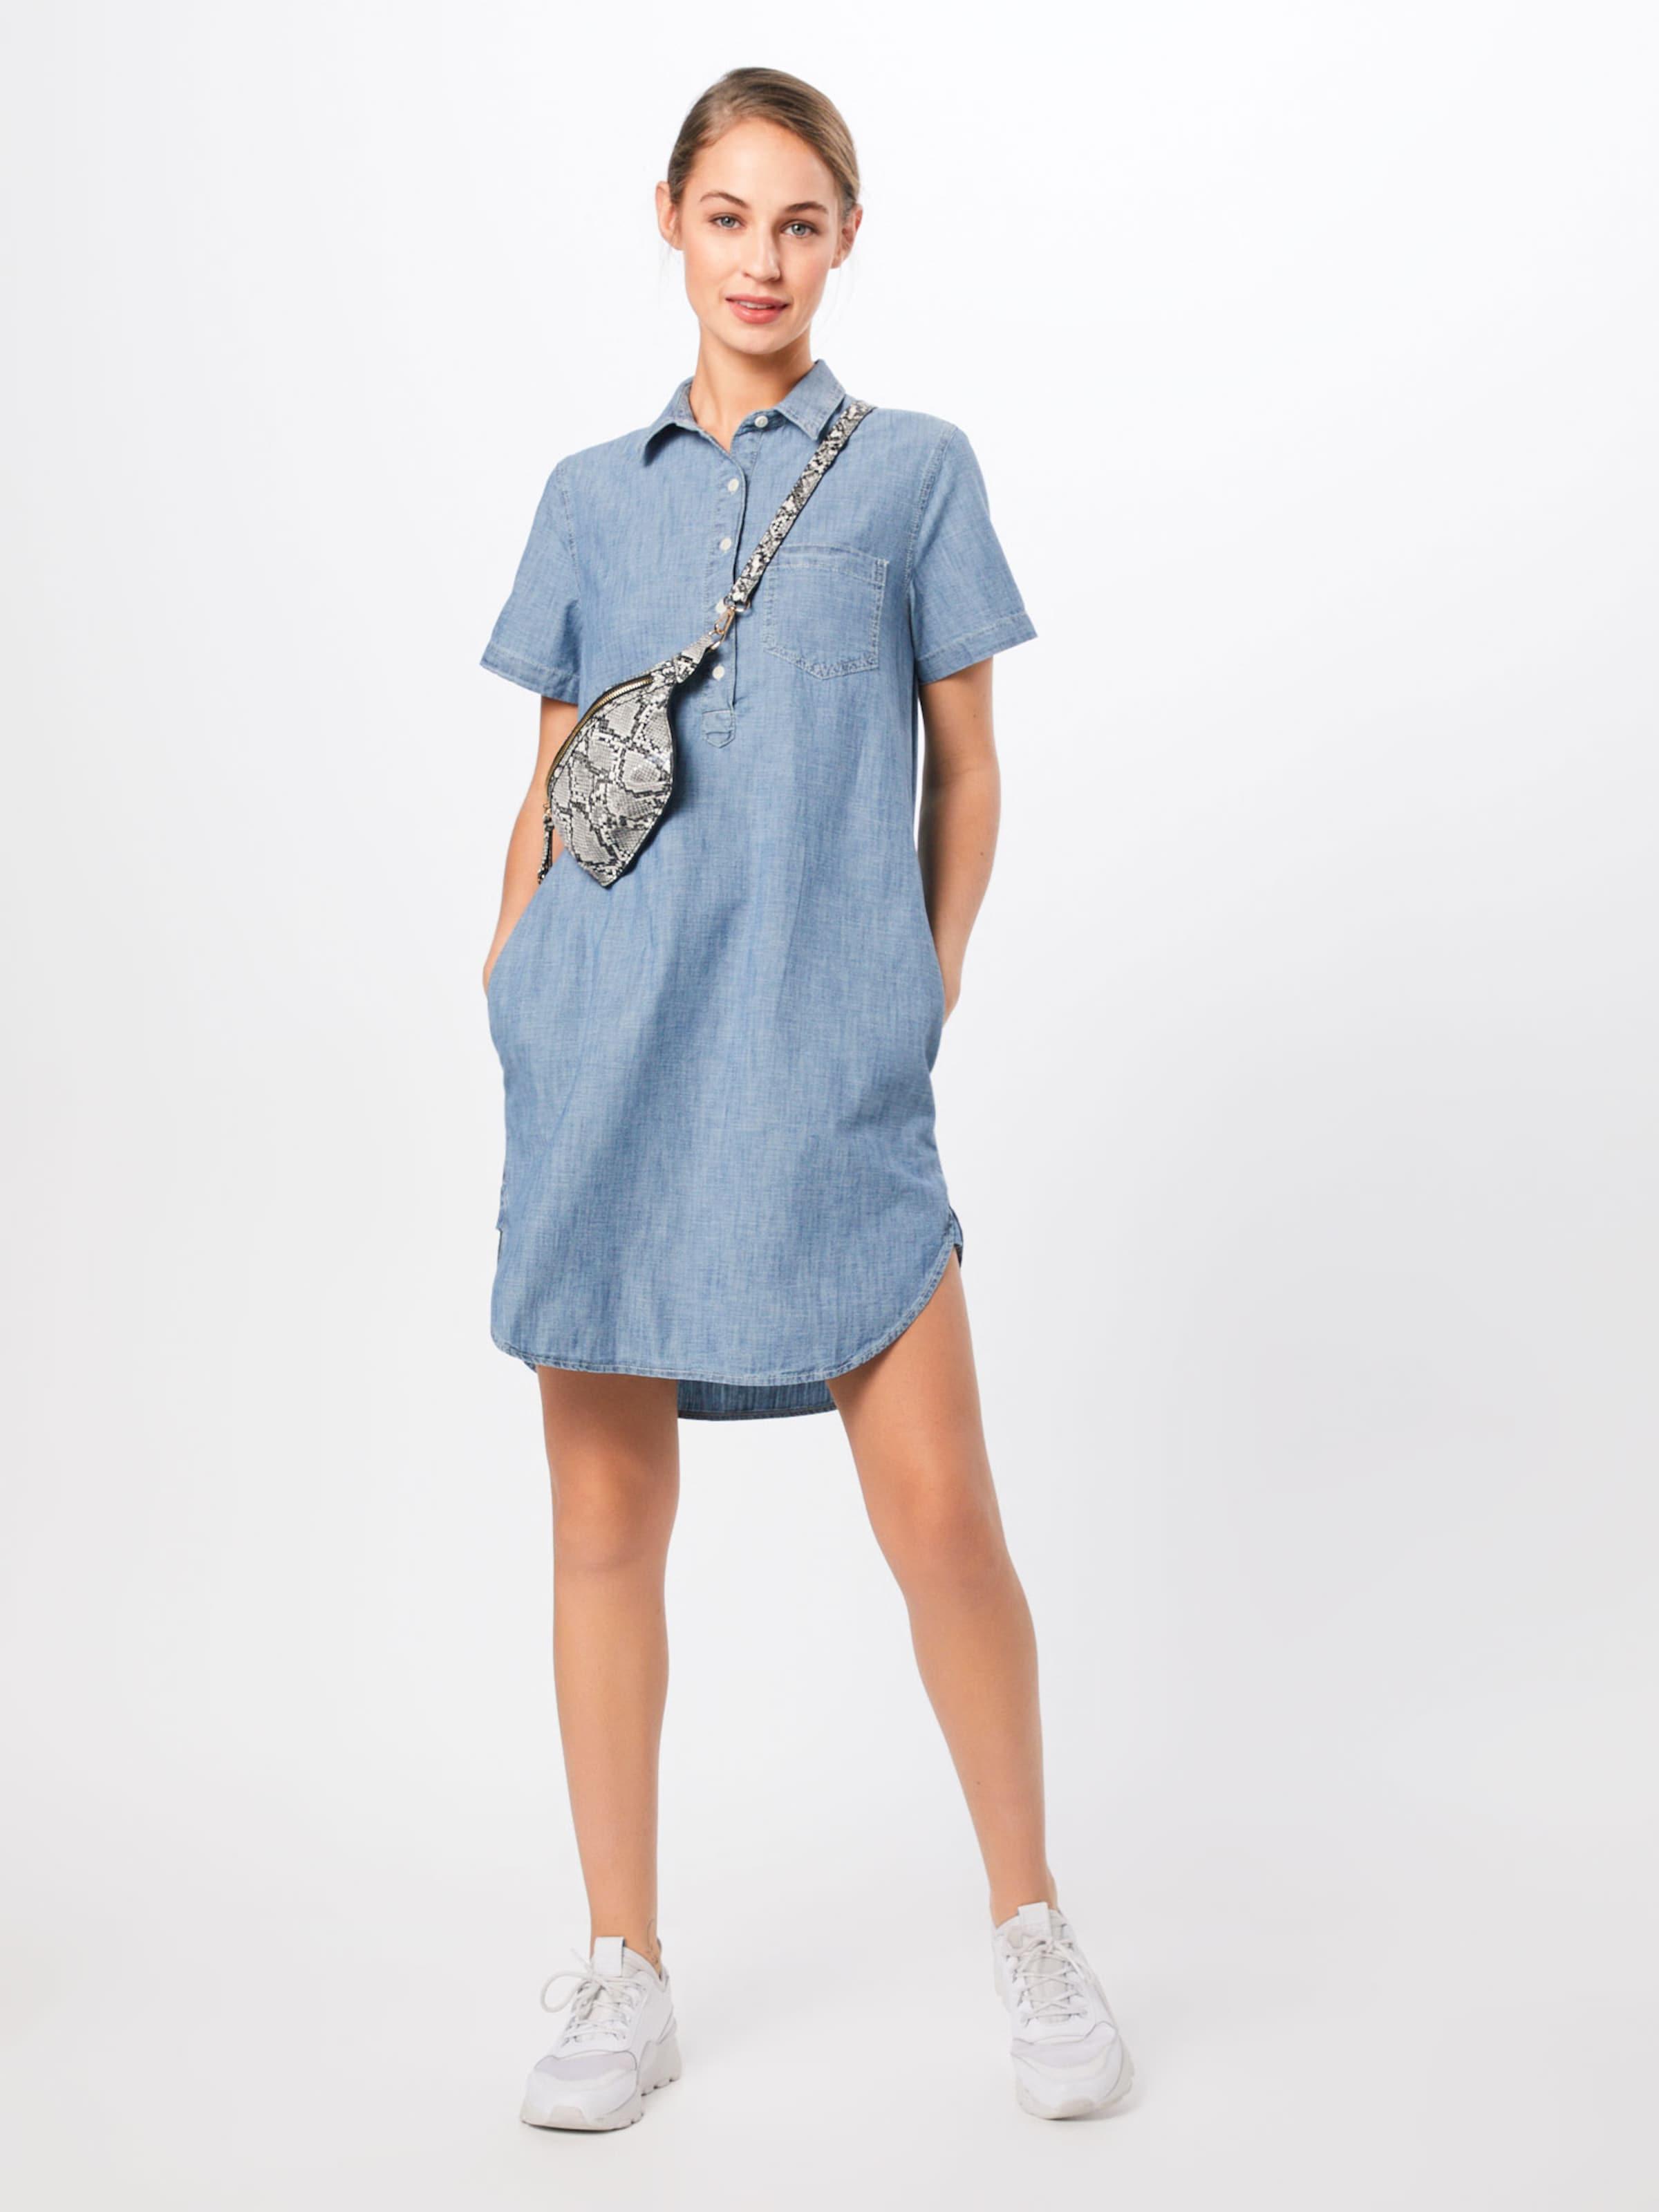 Kleid 'popover Denim' In Gap Indigo drCexBoW